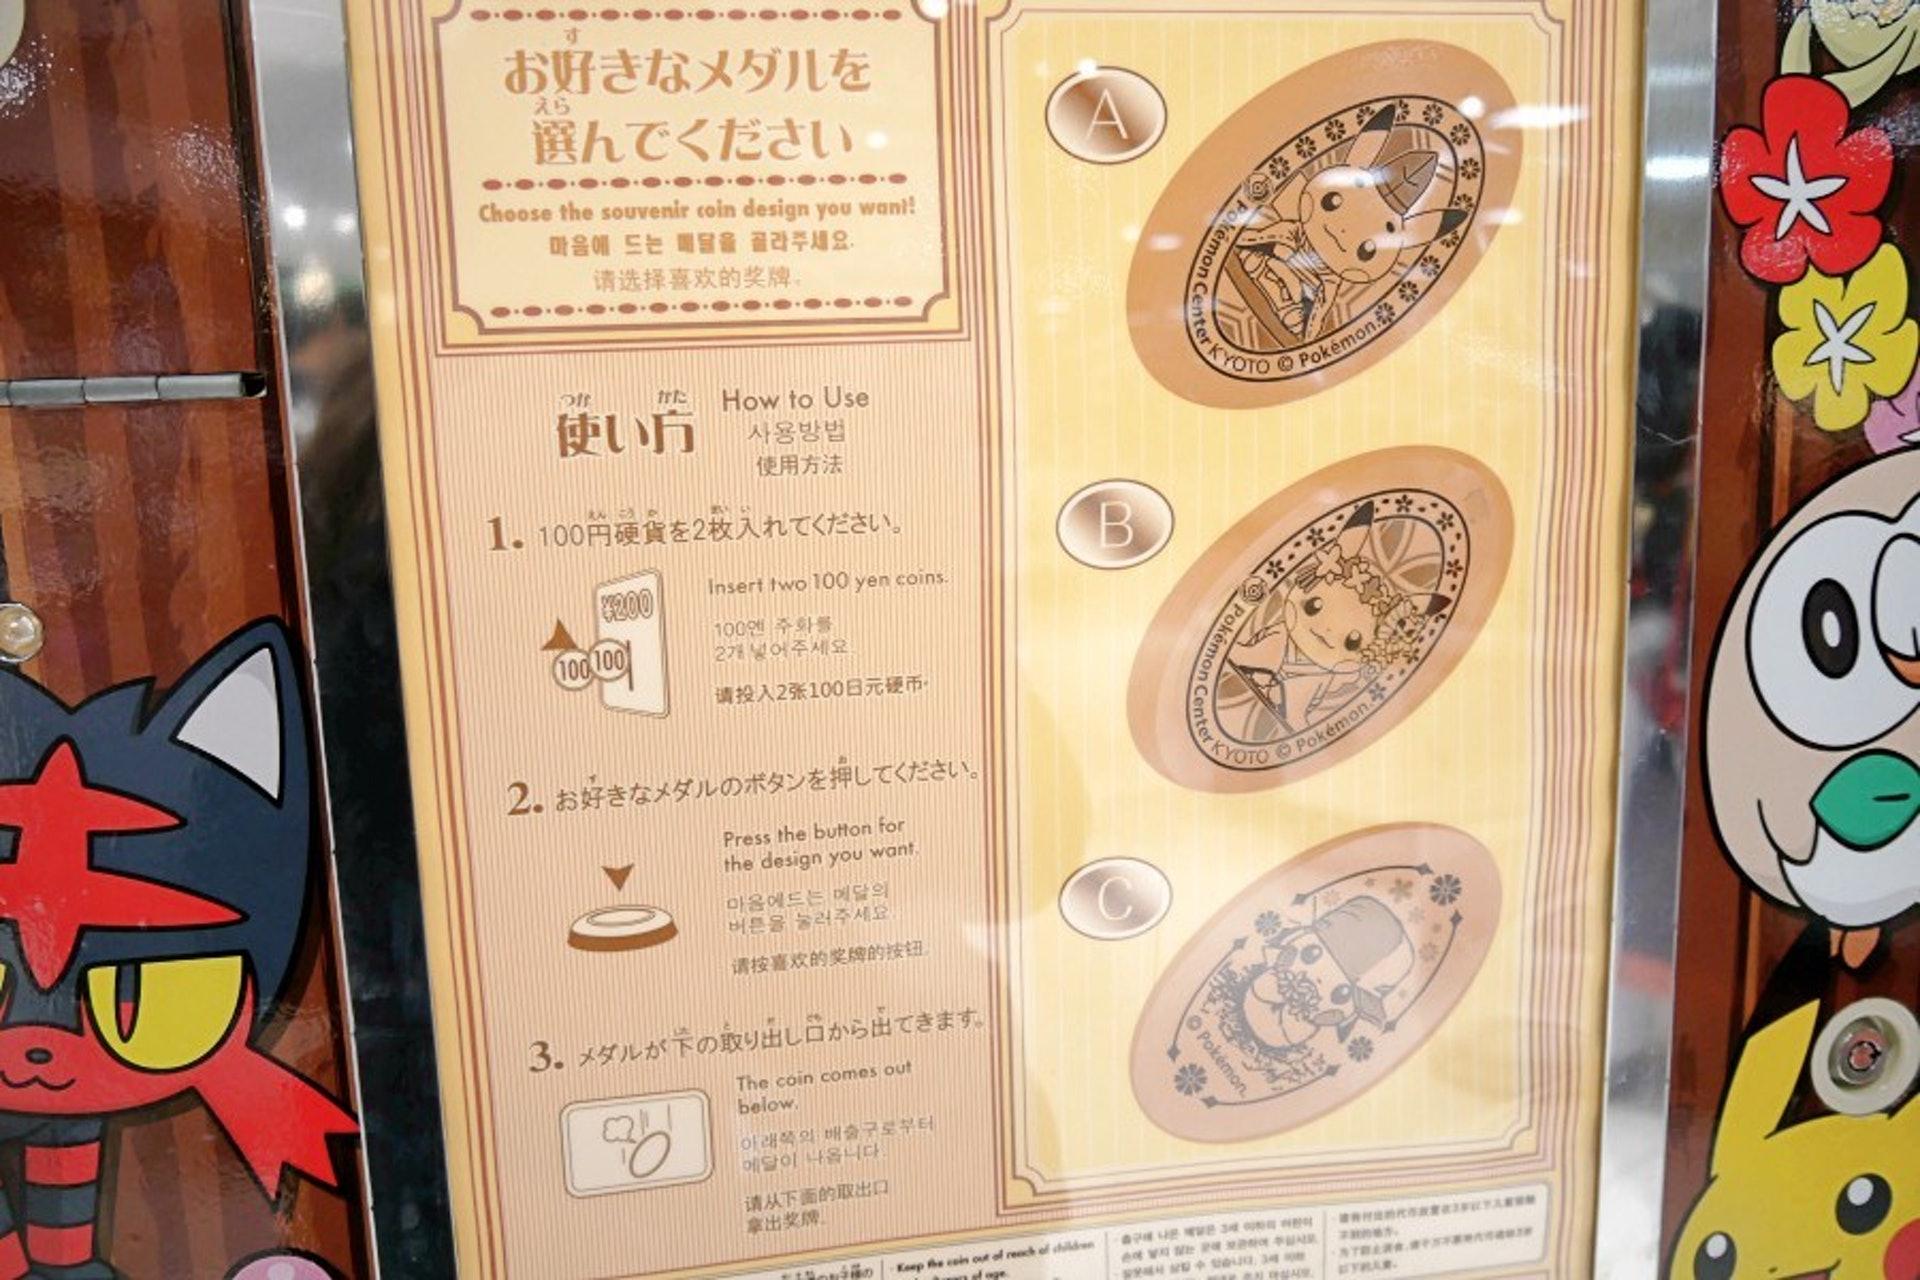 一次只需200日圓,有三種圖案可以選擇,而且有兩款還是穿著日本傳統服飾的比卡超唷~(KKday)